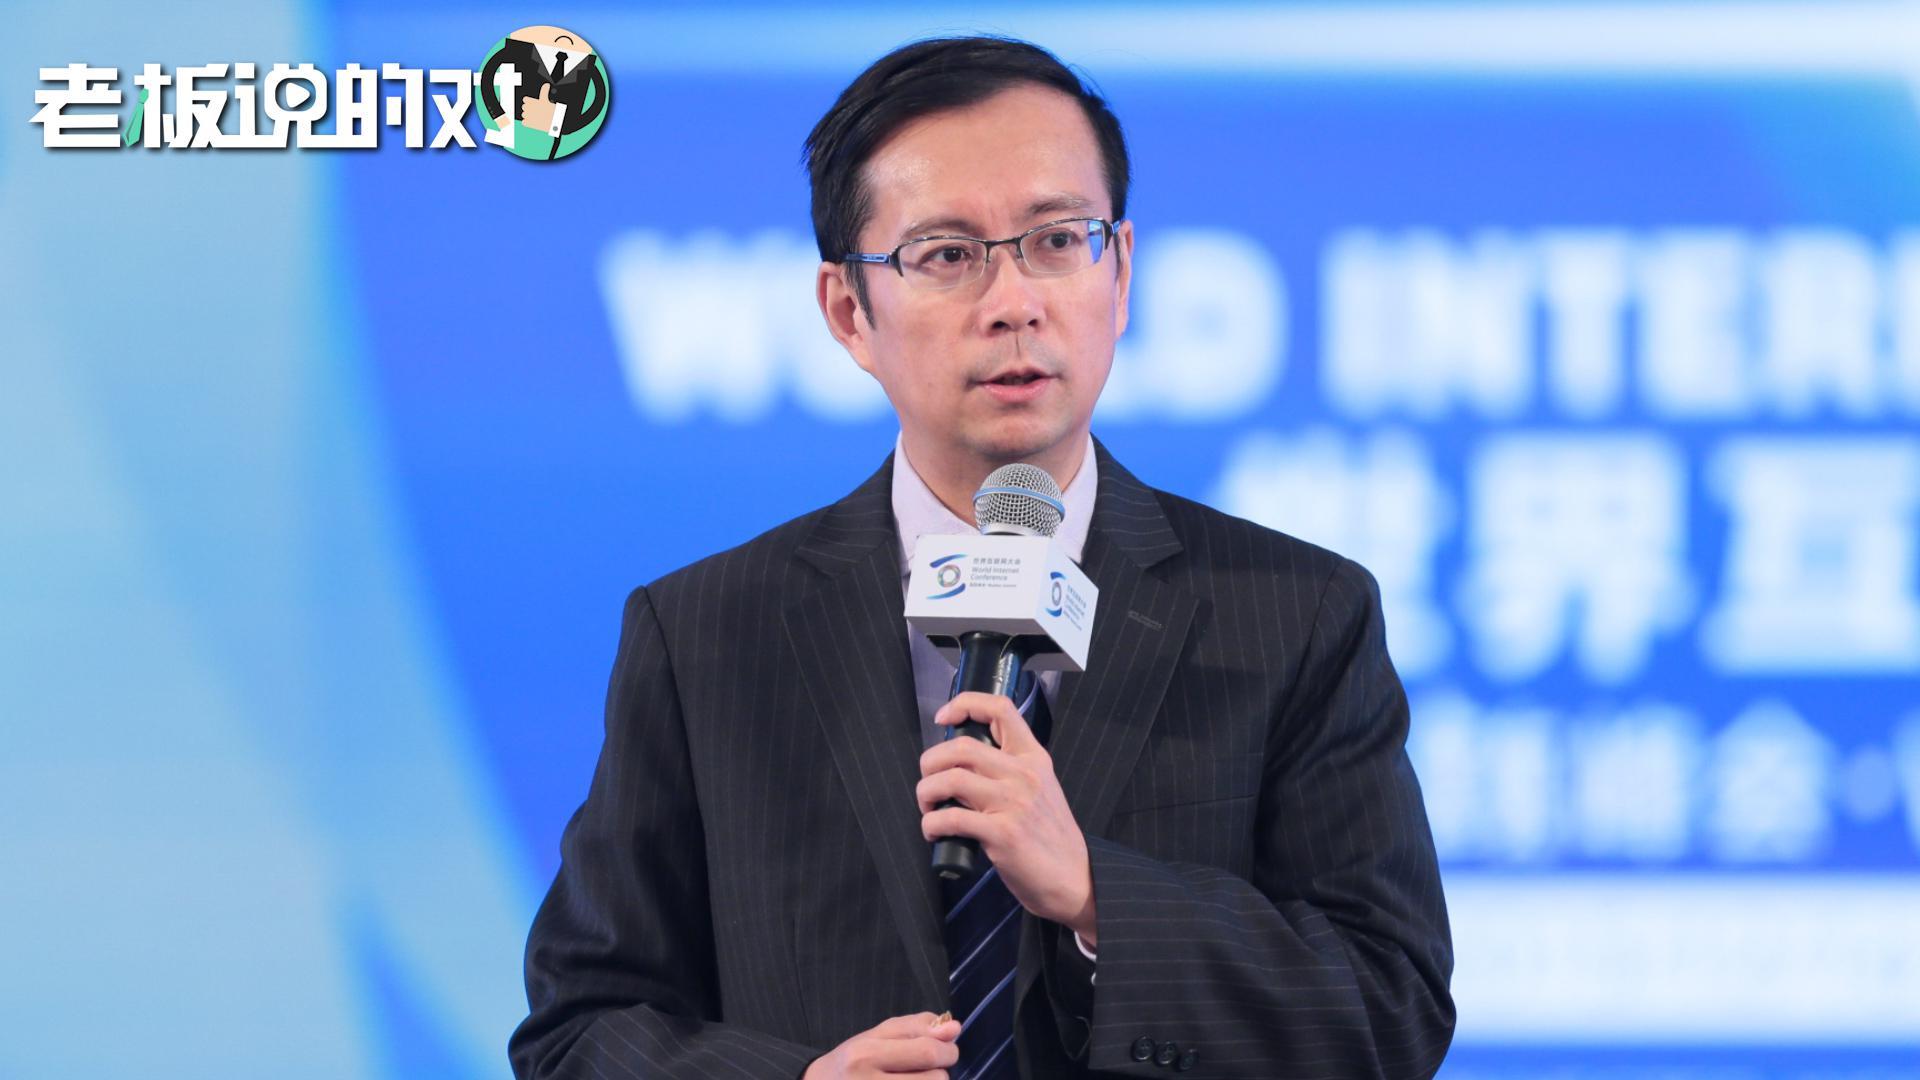 """阿里张勇:今天中国的老百姓变成了""""网民"""",变成了数字化的居民"""